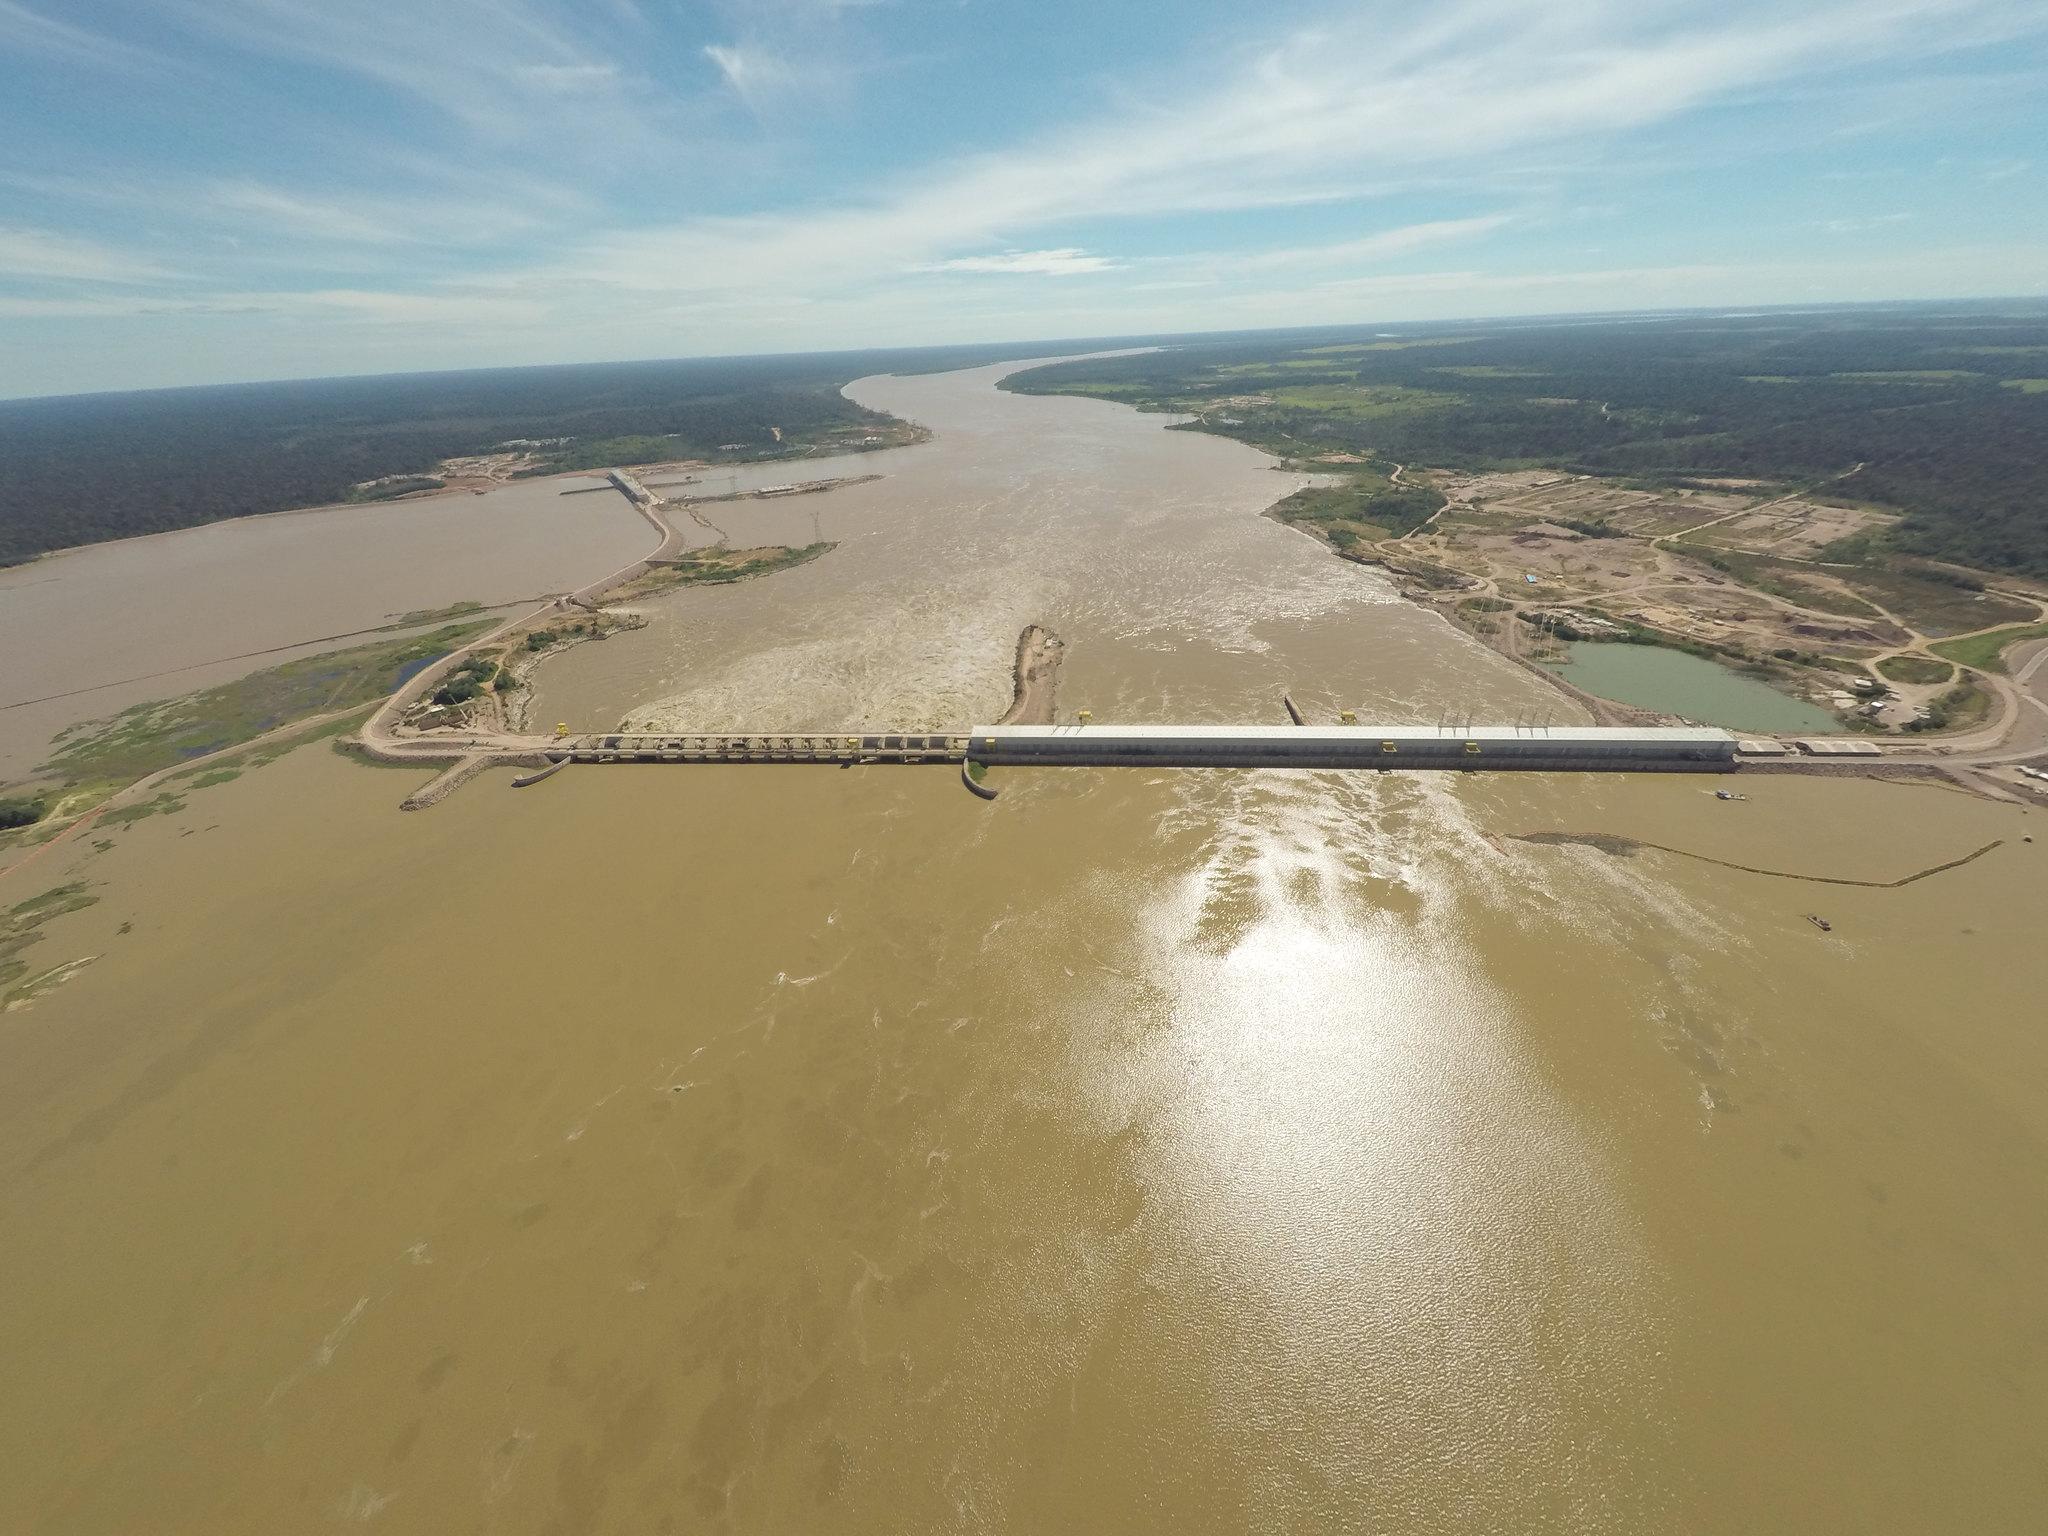 Justiça ambiental e barragens amazônicas: 6 – O obstáculo do sistema atual